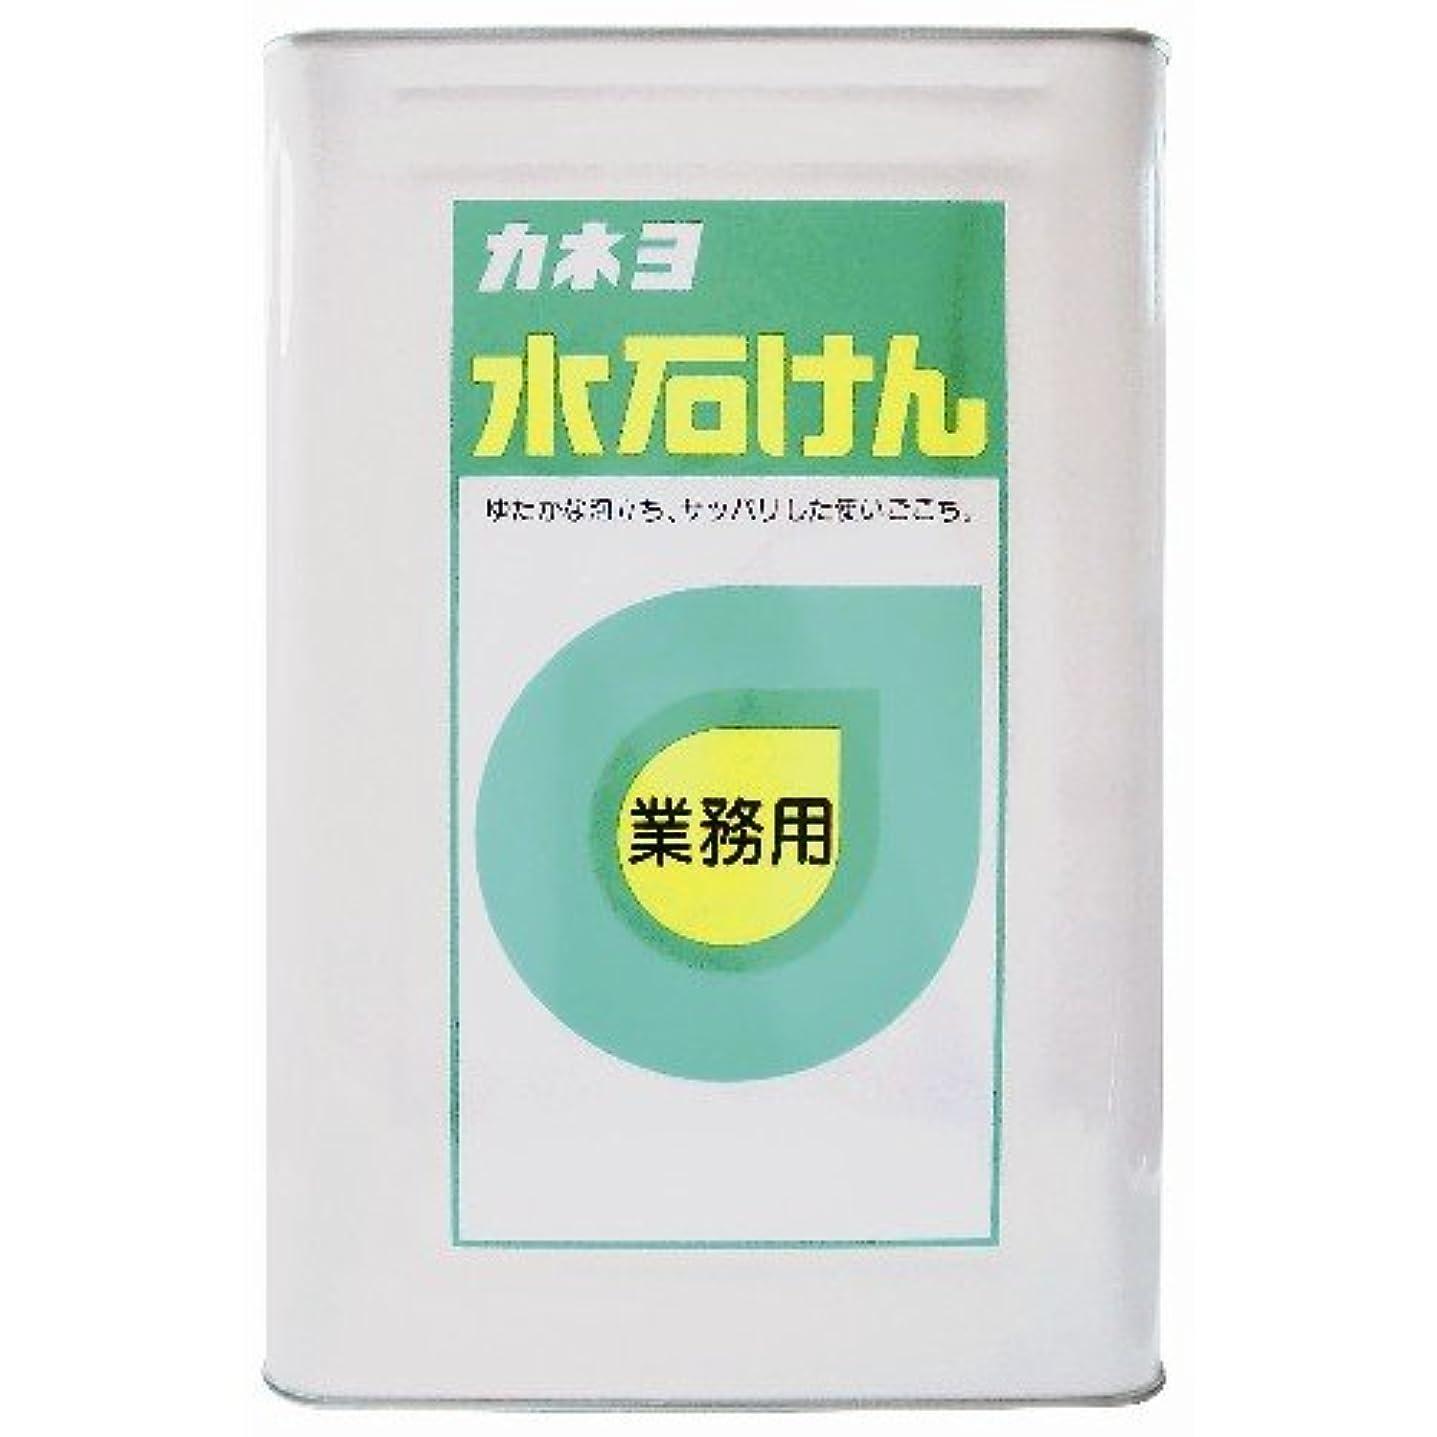 事前声を出して噂【大容量】 カネヨ石鹸 ハンドソープ 水石けん 液体 業務用 18L 一斗缶